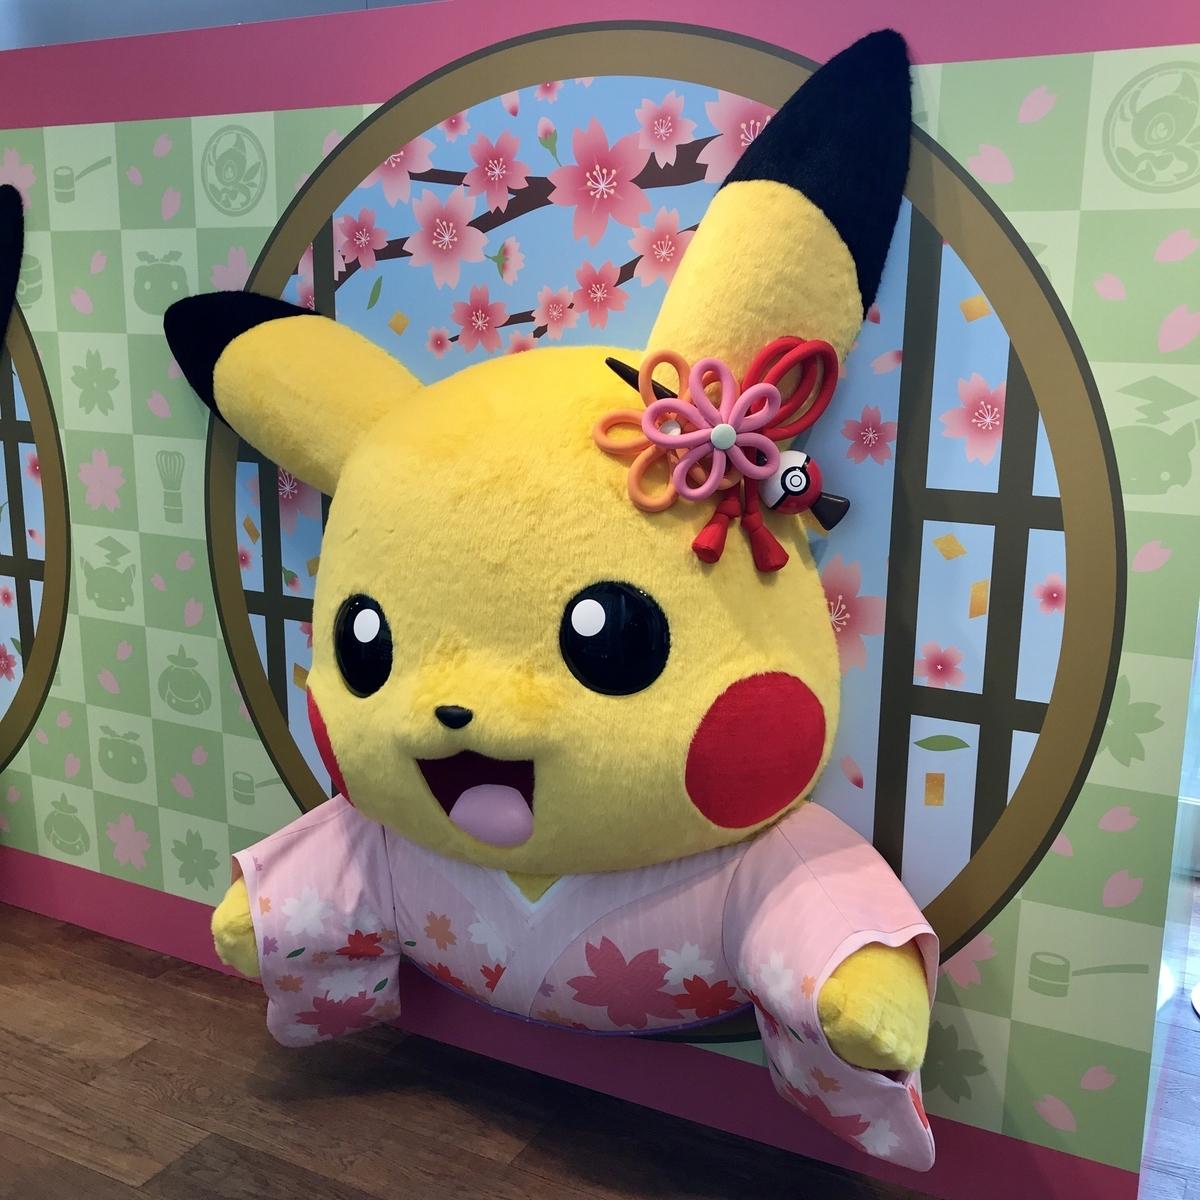 f:id:pikachu_pcn:20190319211033j:plain